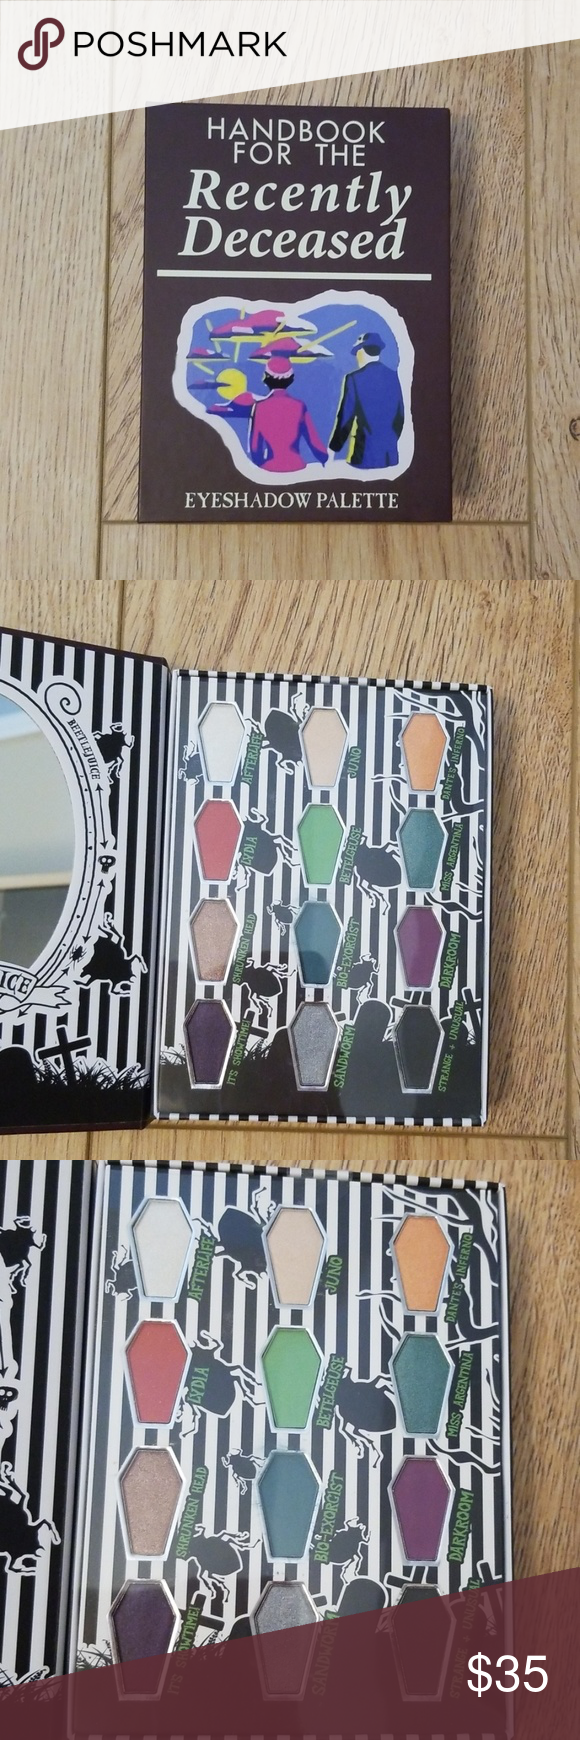 New Beetlejuice Eyeshadow Palette! NWT Eyeshadow palette